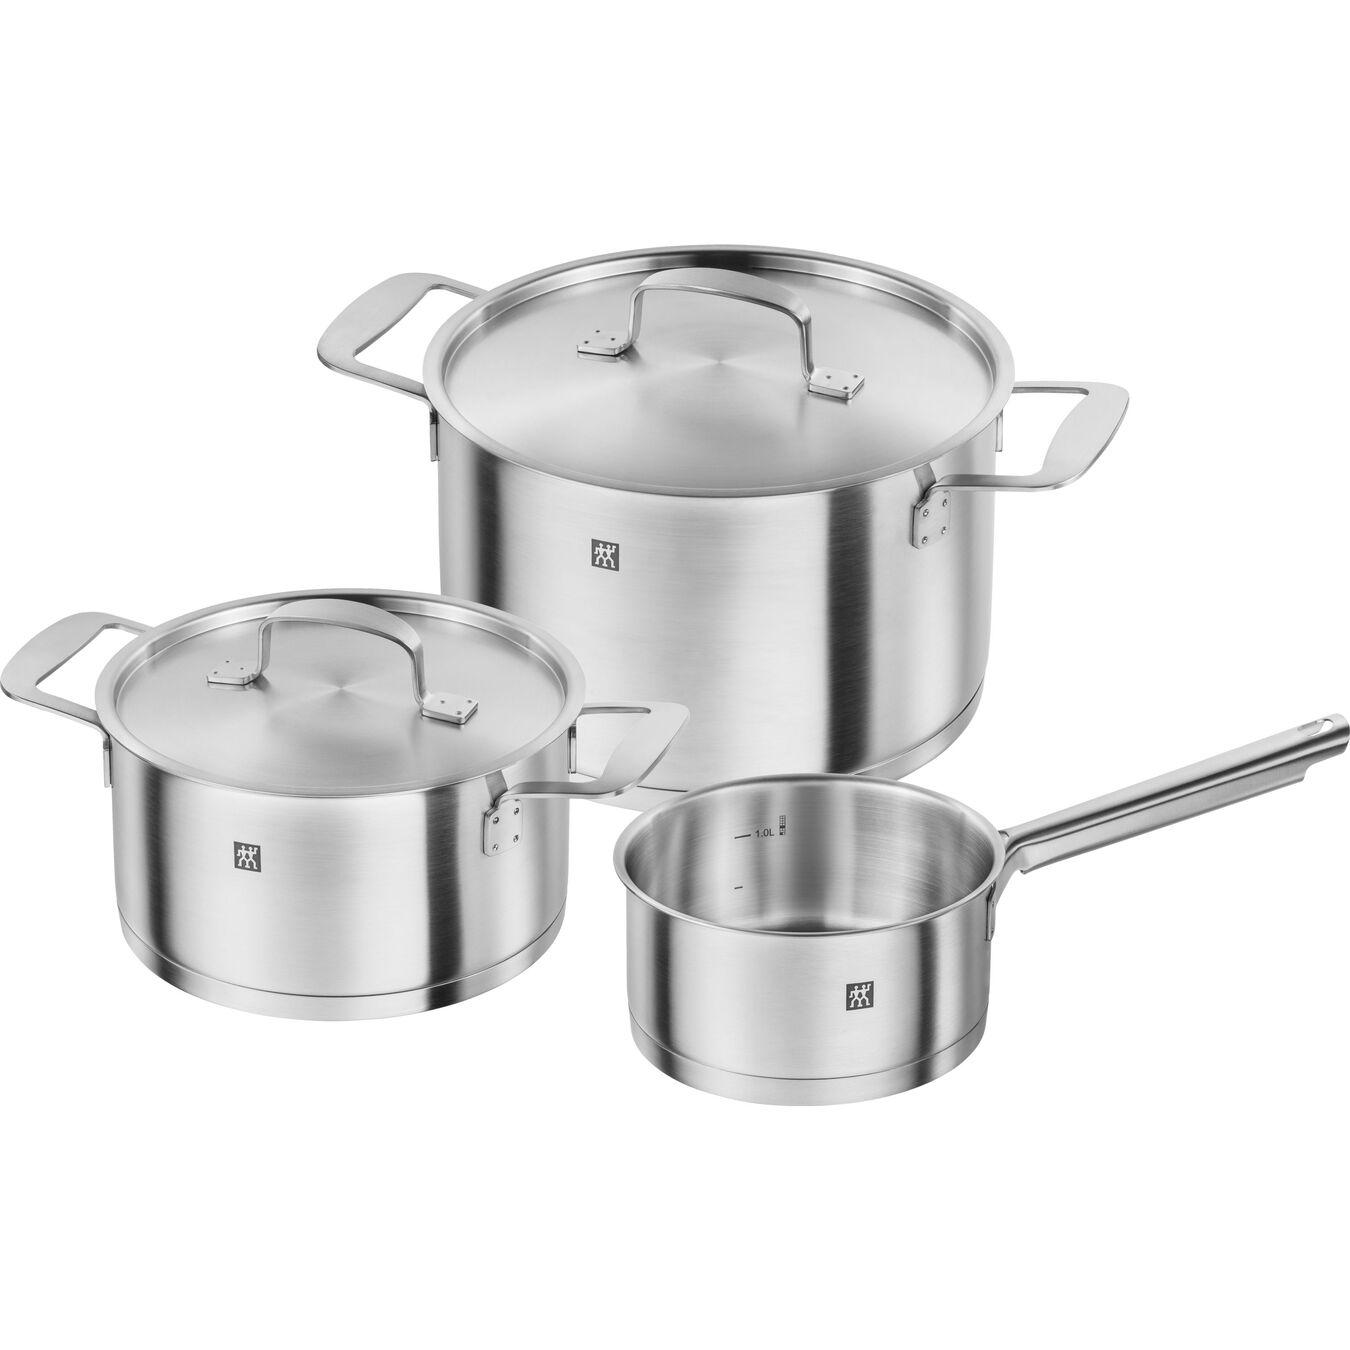 Ensemble de casseroles 3-pcs,,large 1